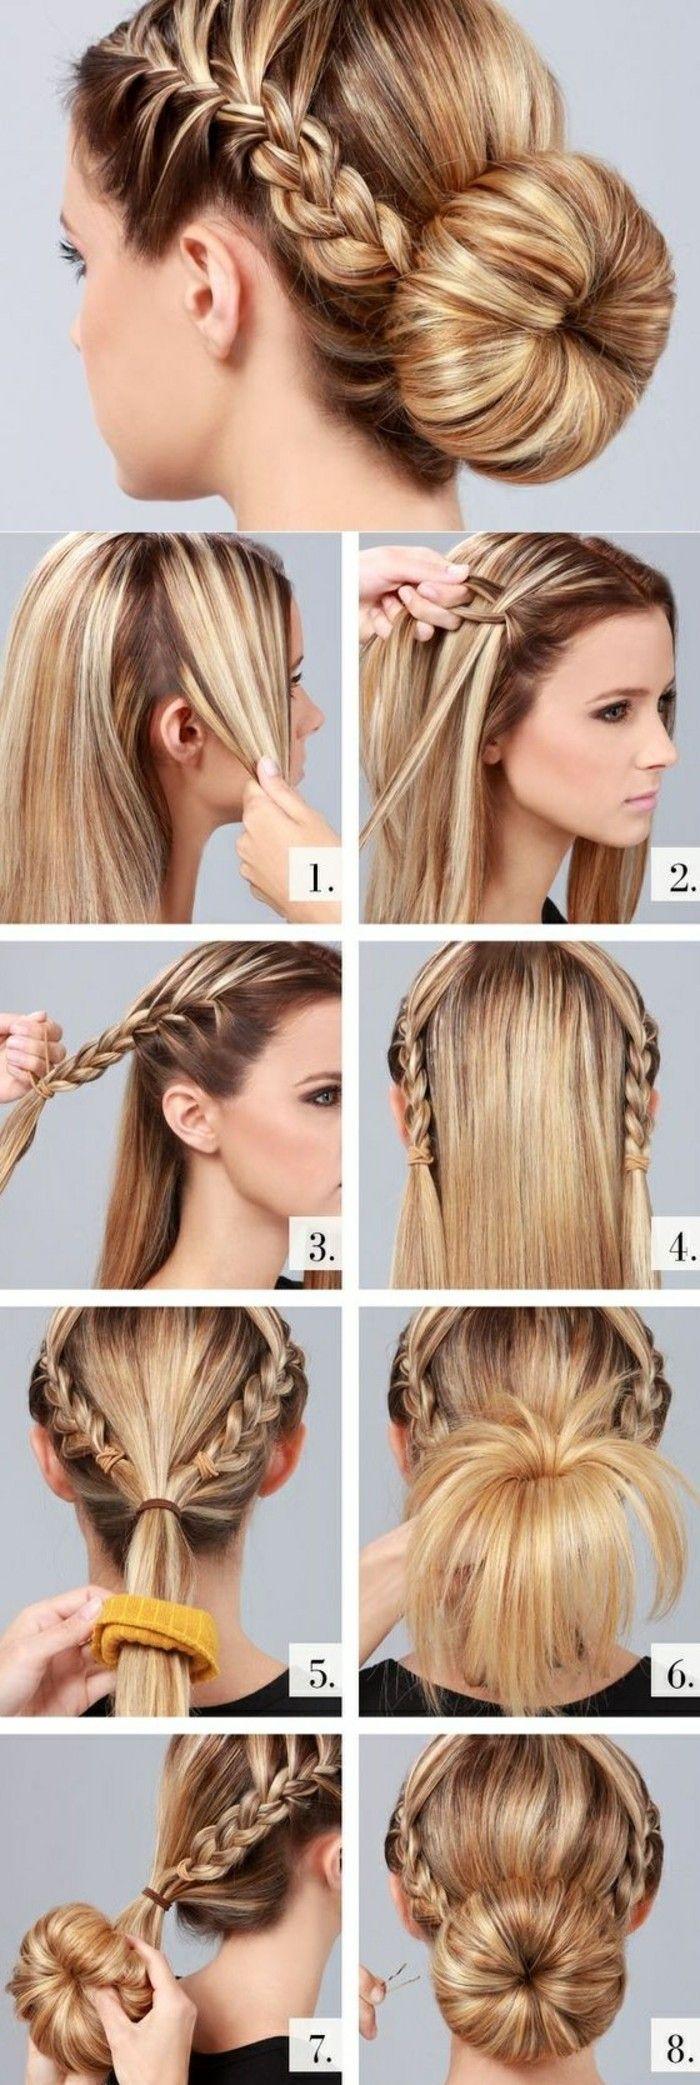 Как сделать бублик на голове с косами? или Делаем бублик на длинные волосы 83